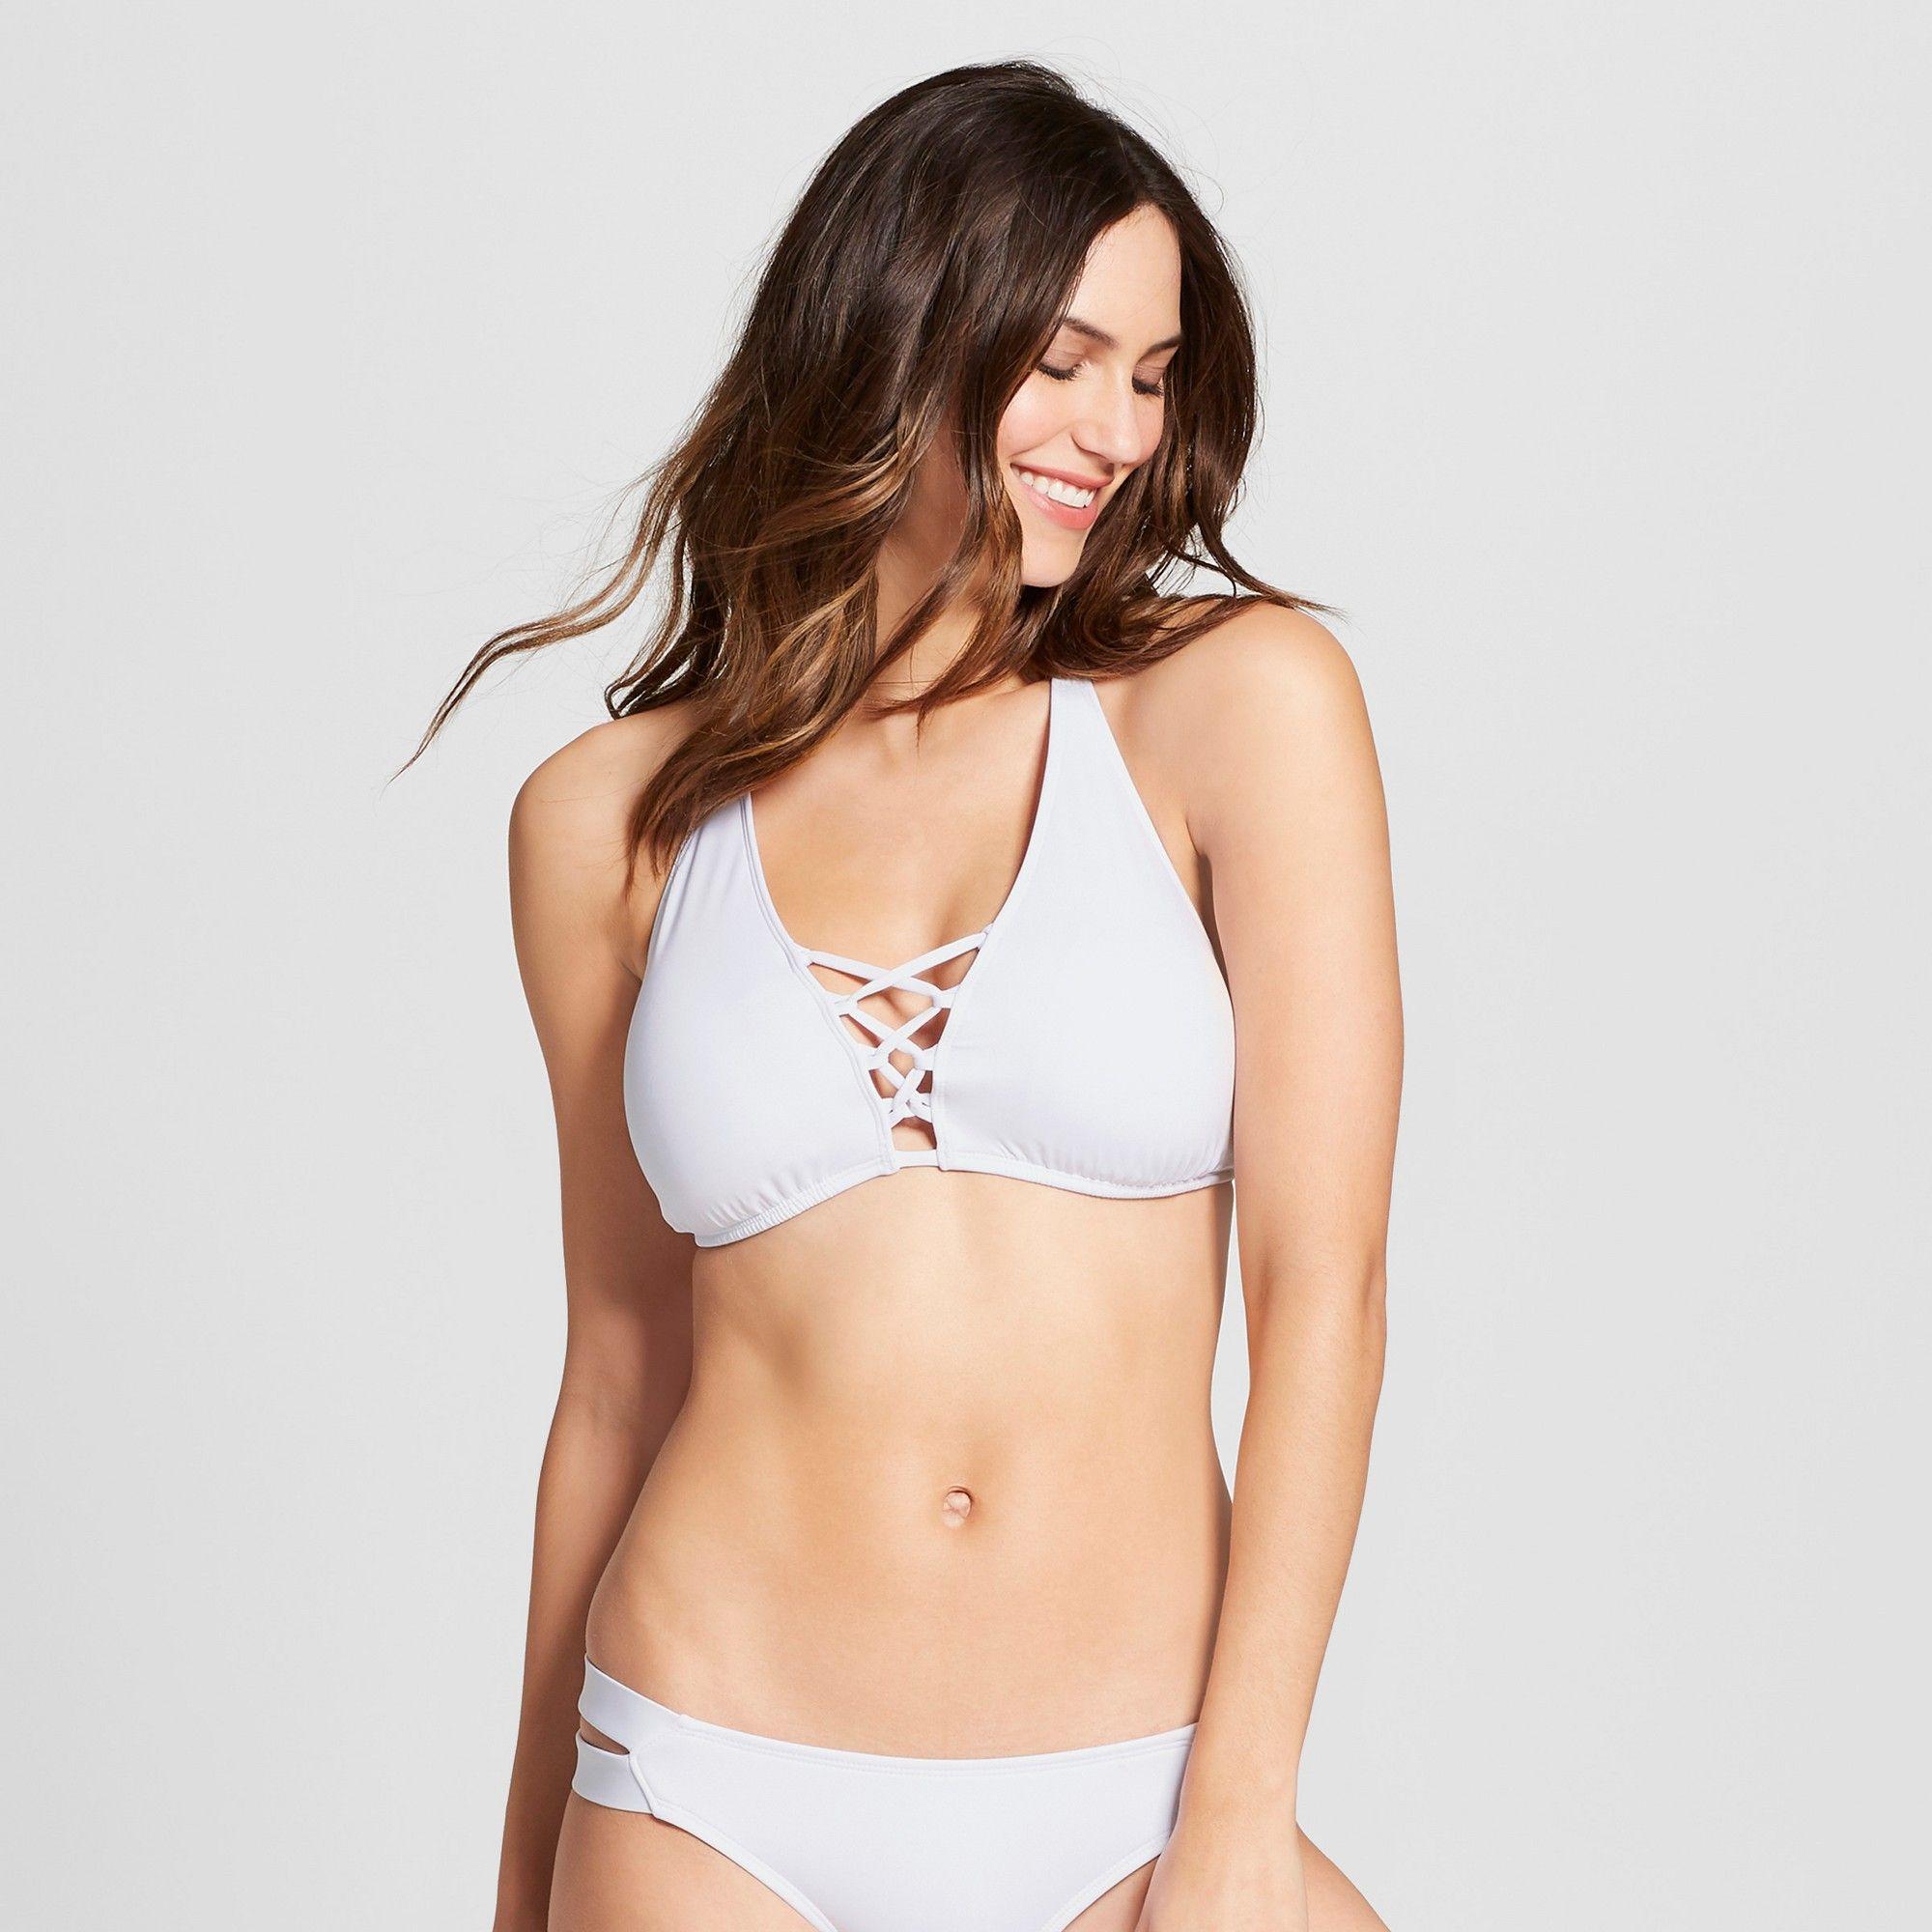 2e39ad1c345a0 Women s Strappy High Neck Halter Bikini Top - White - D DD Cup - Mossimo